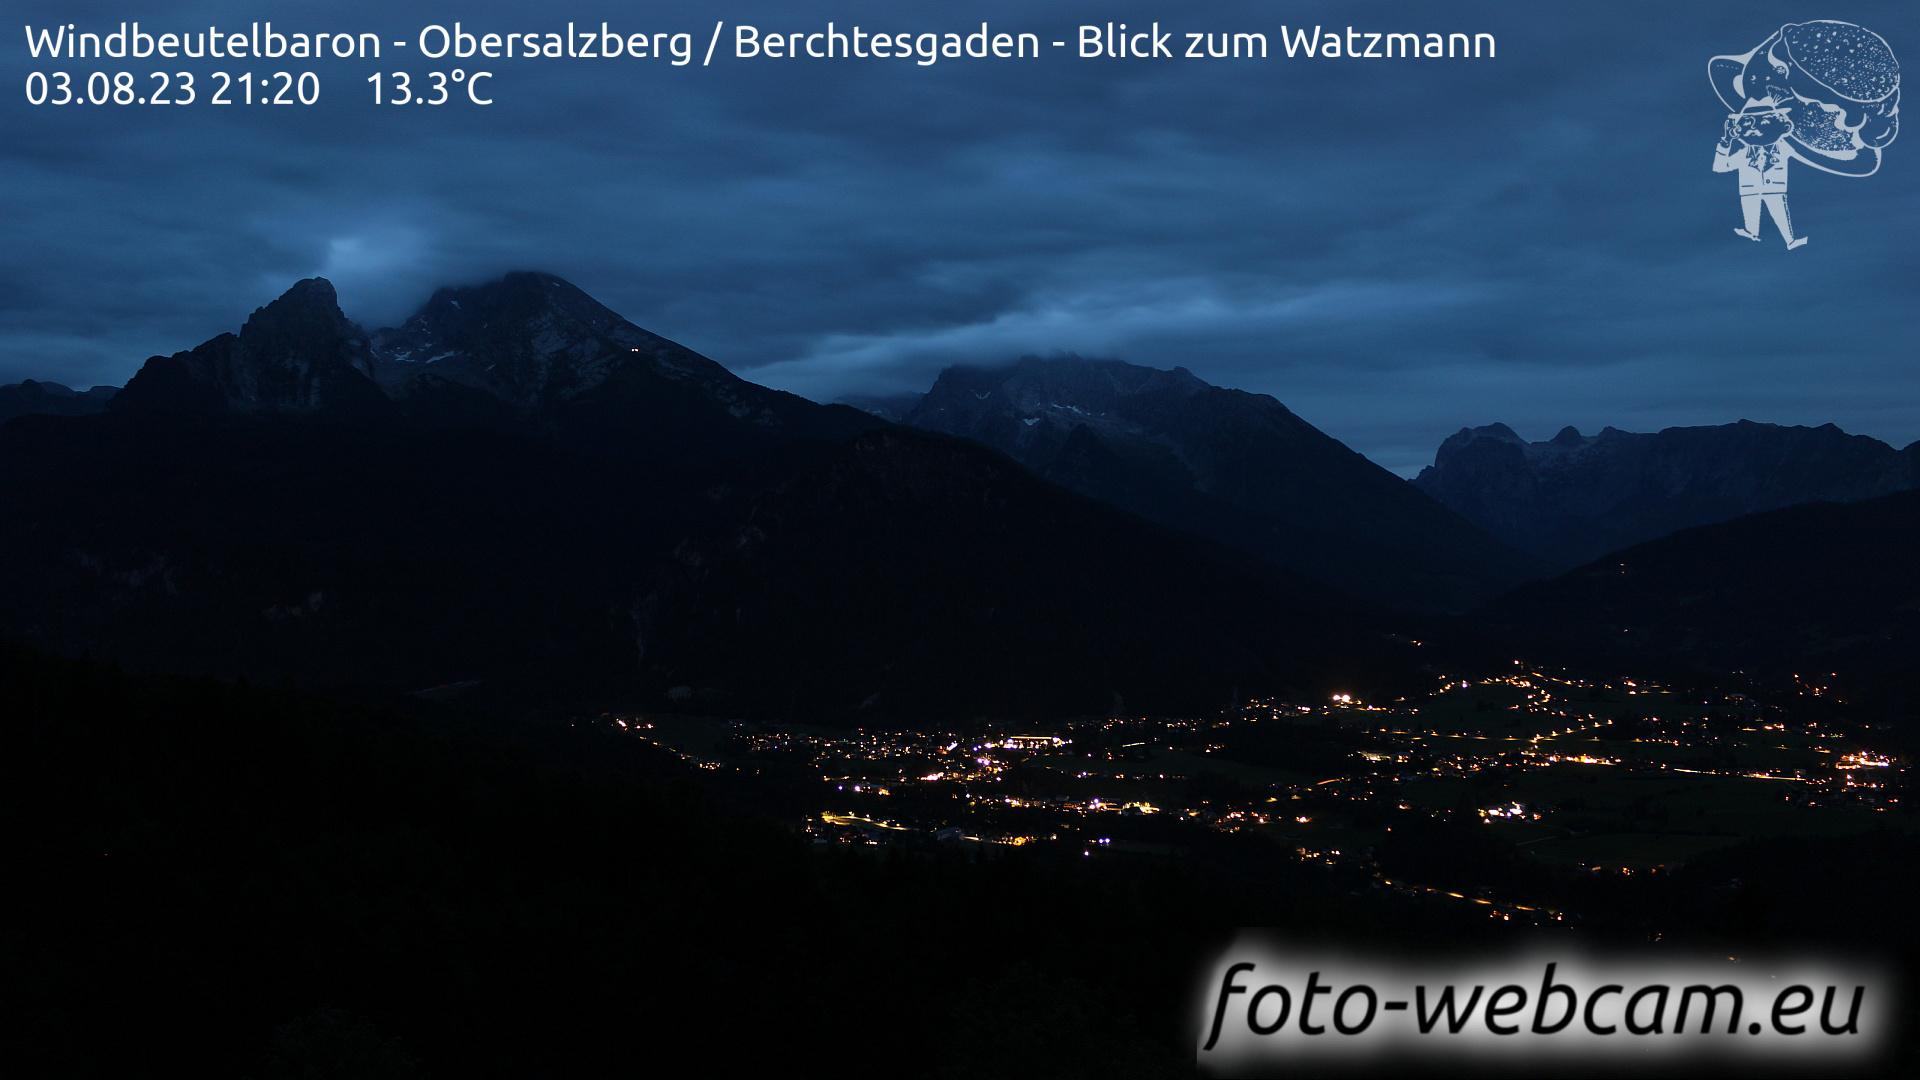 Berchtesgaden Sat. 21:32